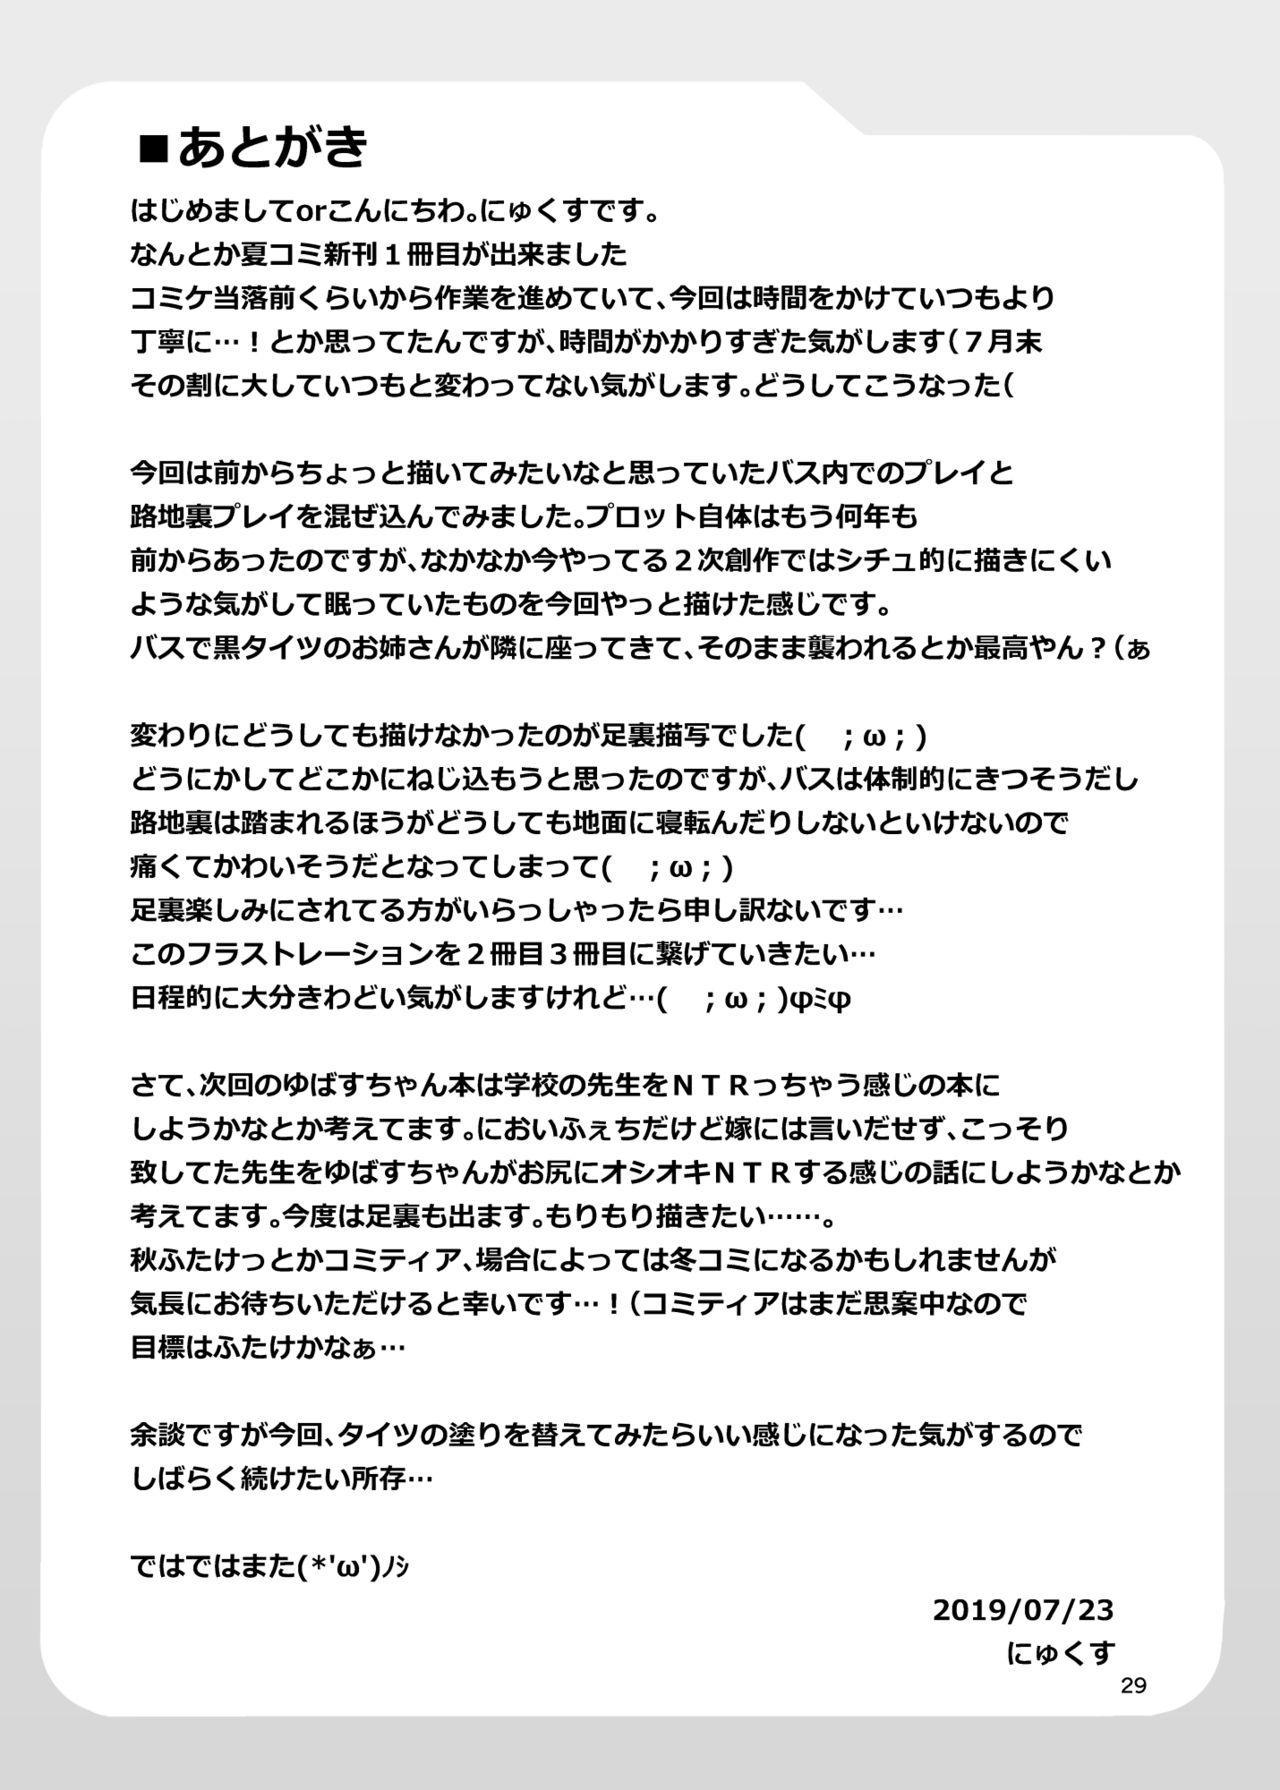 Futanari Kuro Tights no Succubus JK ni Oshiri Horaretai vol. 3 28